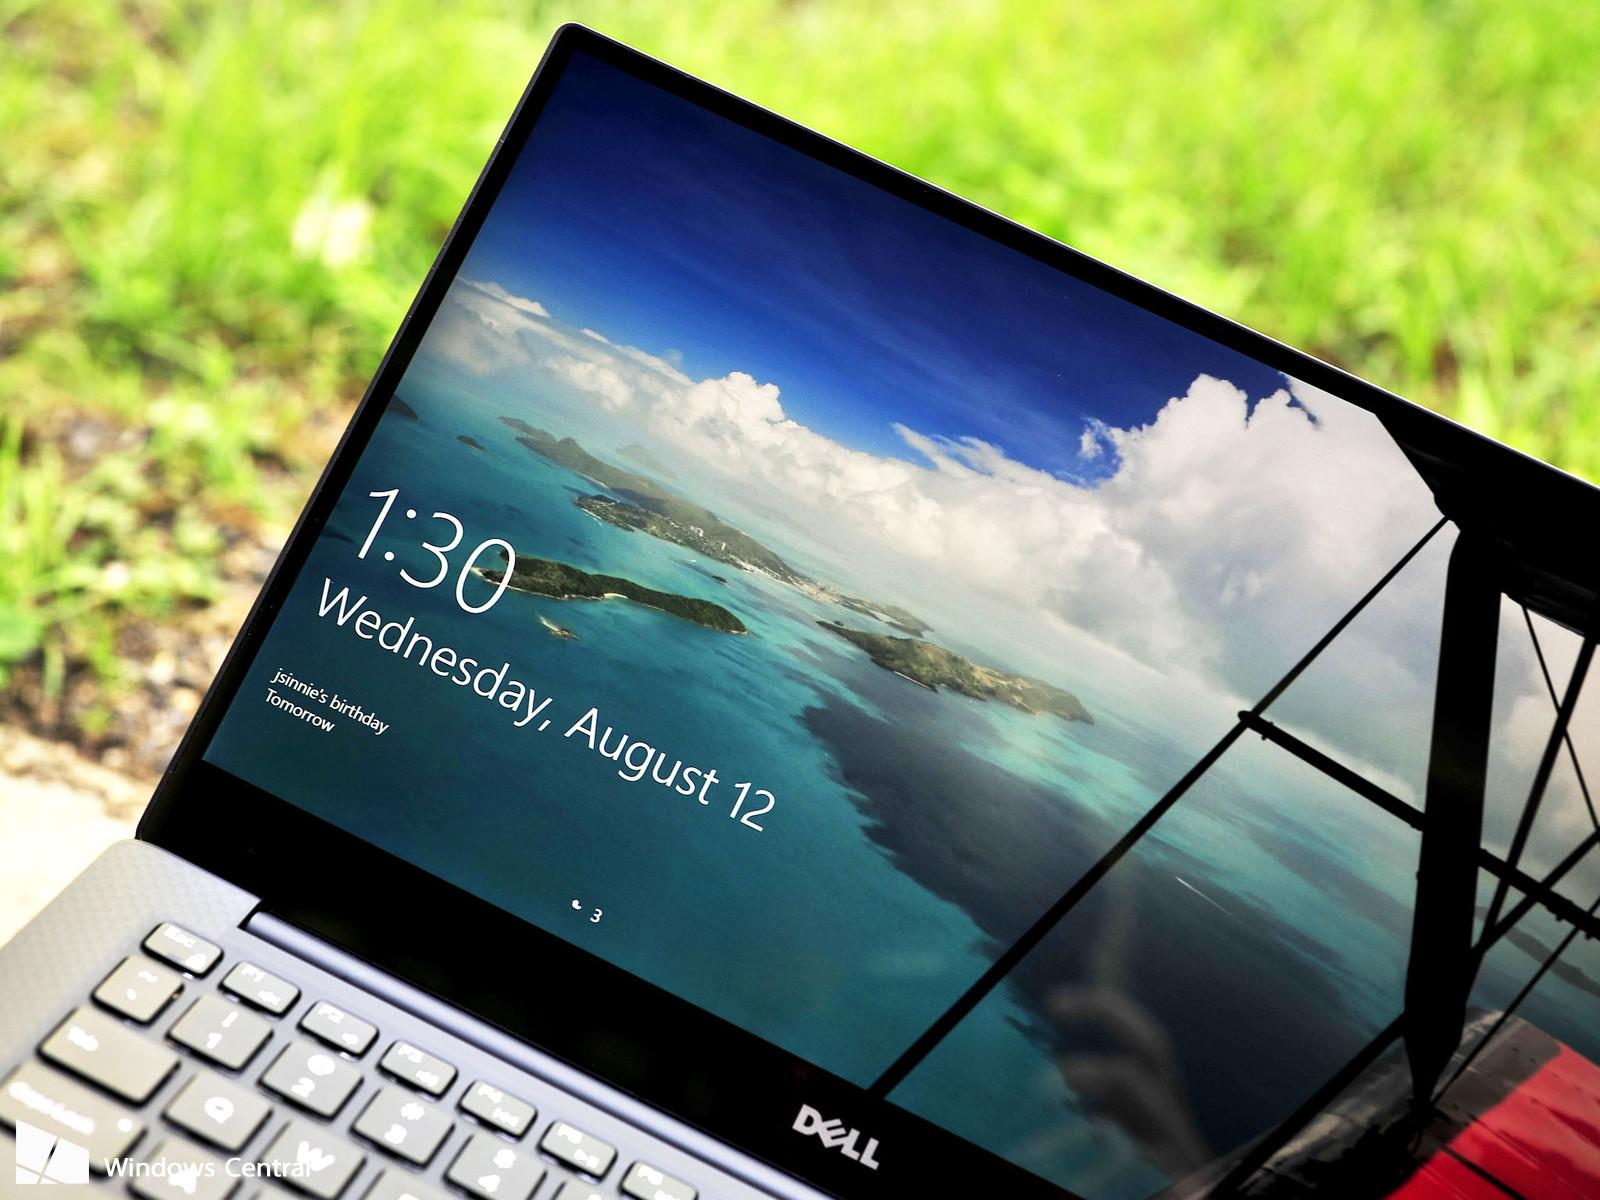 قابلیت جدید ویندوز ۱۰؛ قفل شدن خودکار ویندوز زمانی که کاربر حضور ندارد